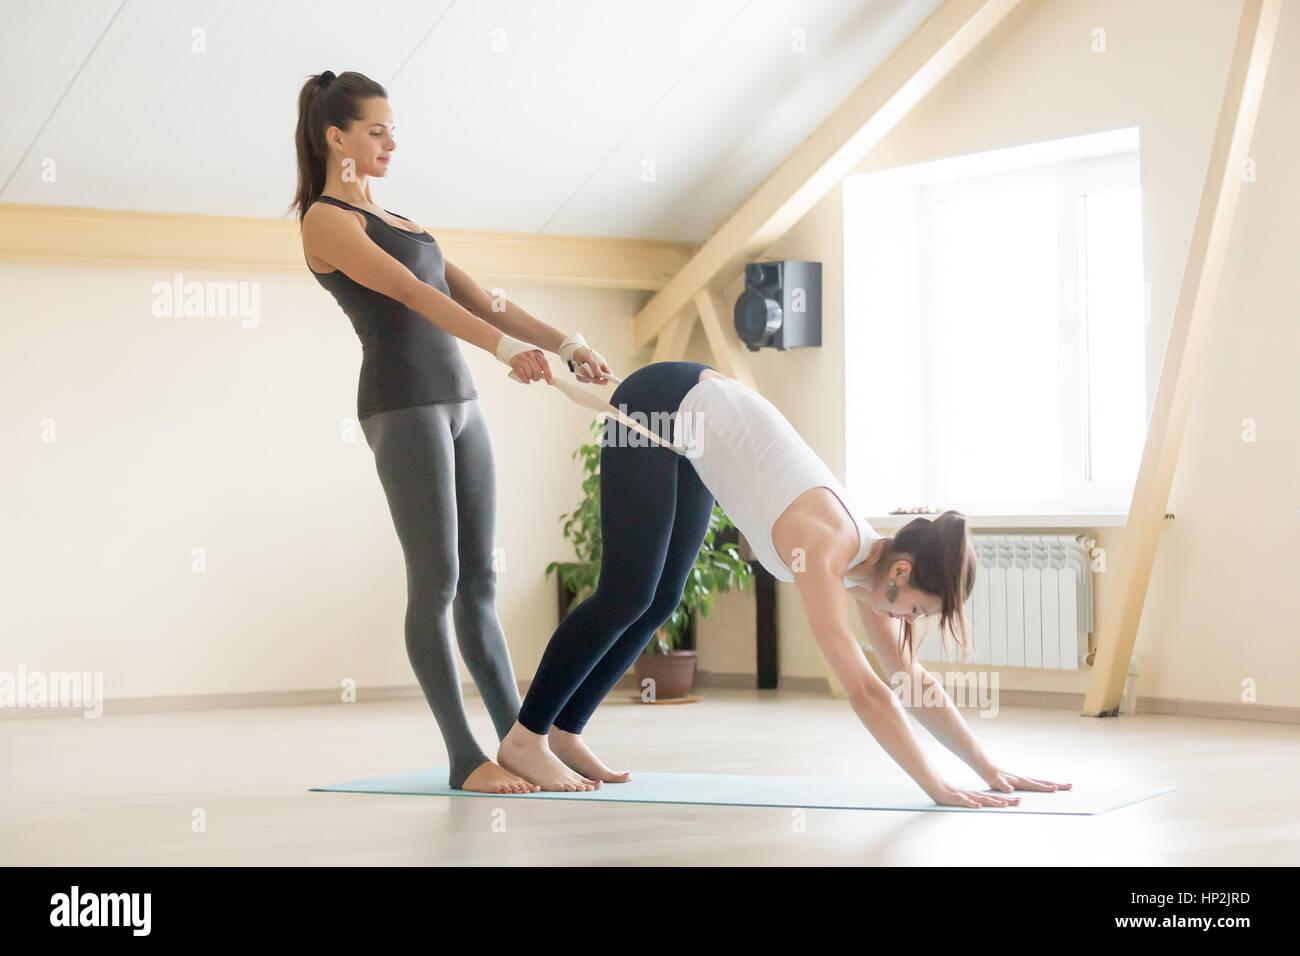 Bellissima femmina yogi insegnante assistere giovane donna in yoga clas Immagini Stock